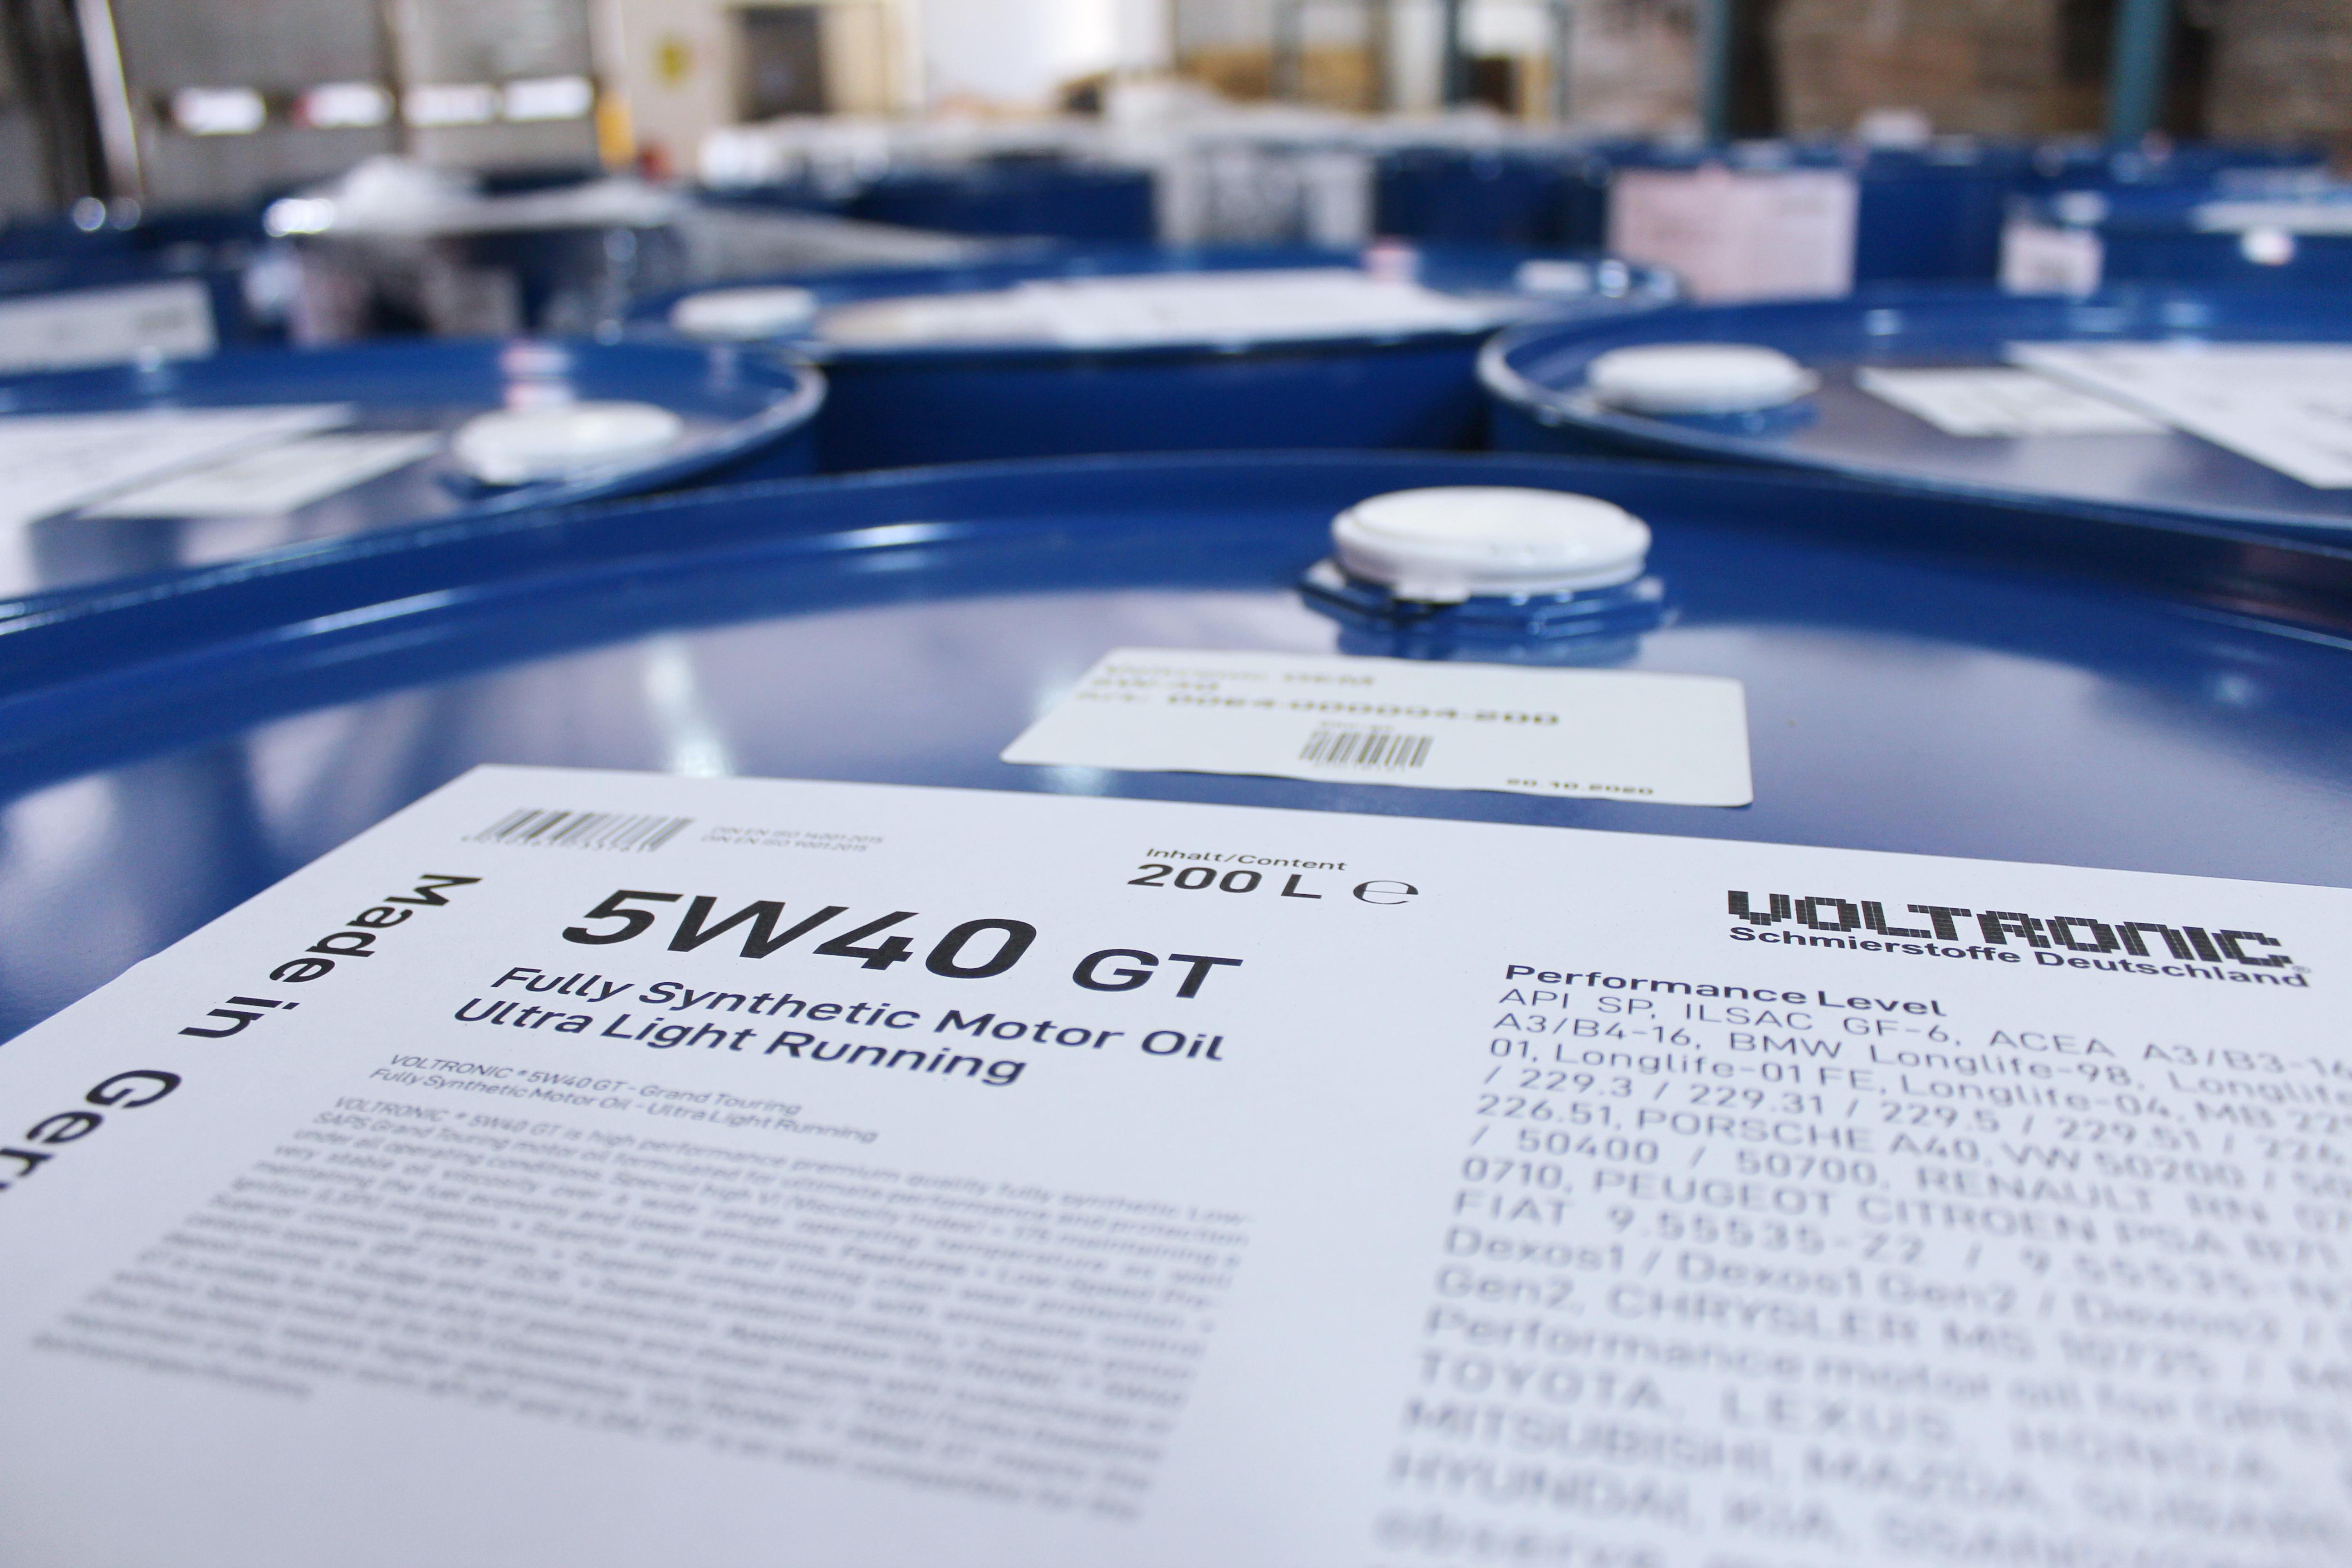 voltronic 5w40 gt motor oil